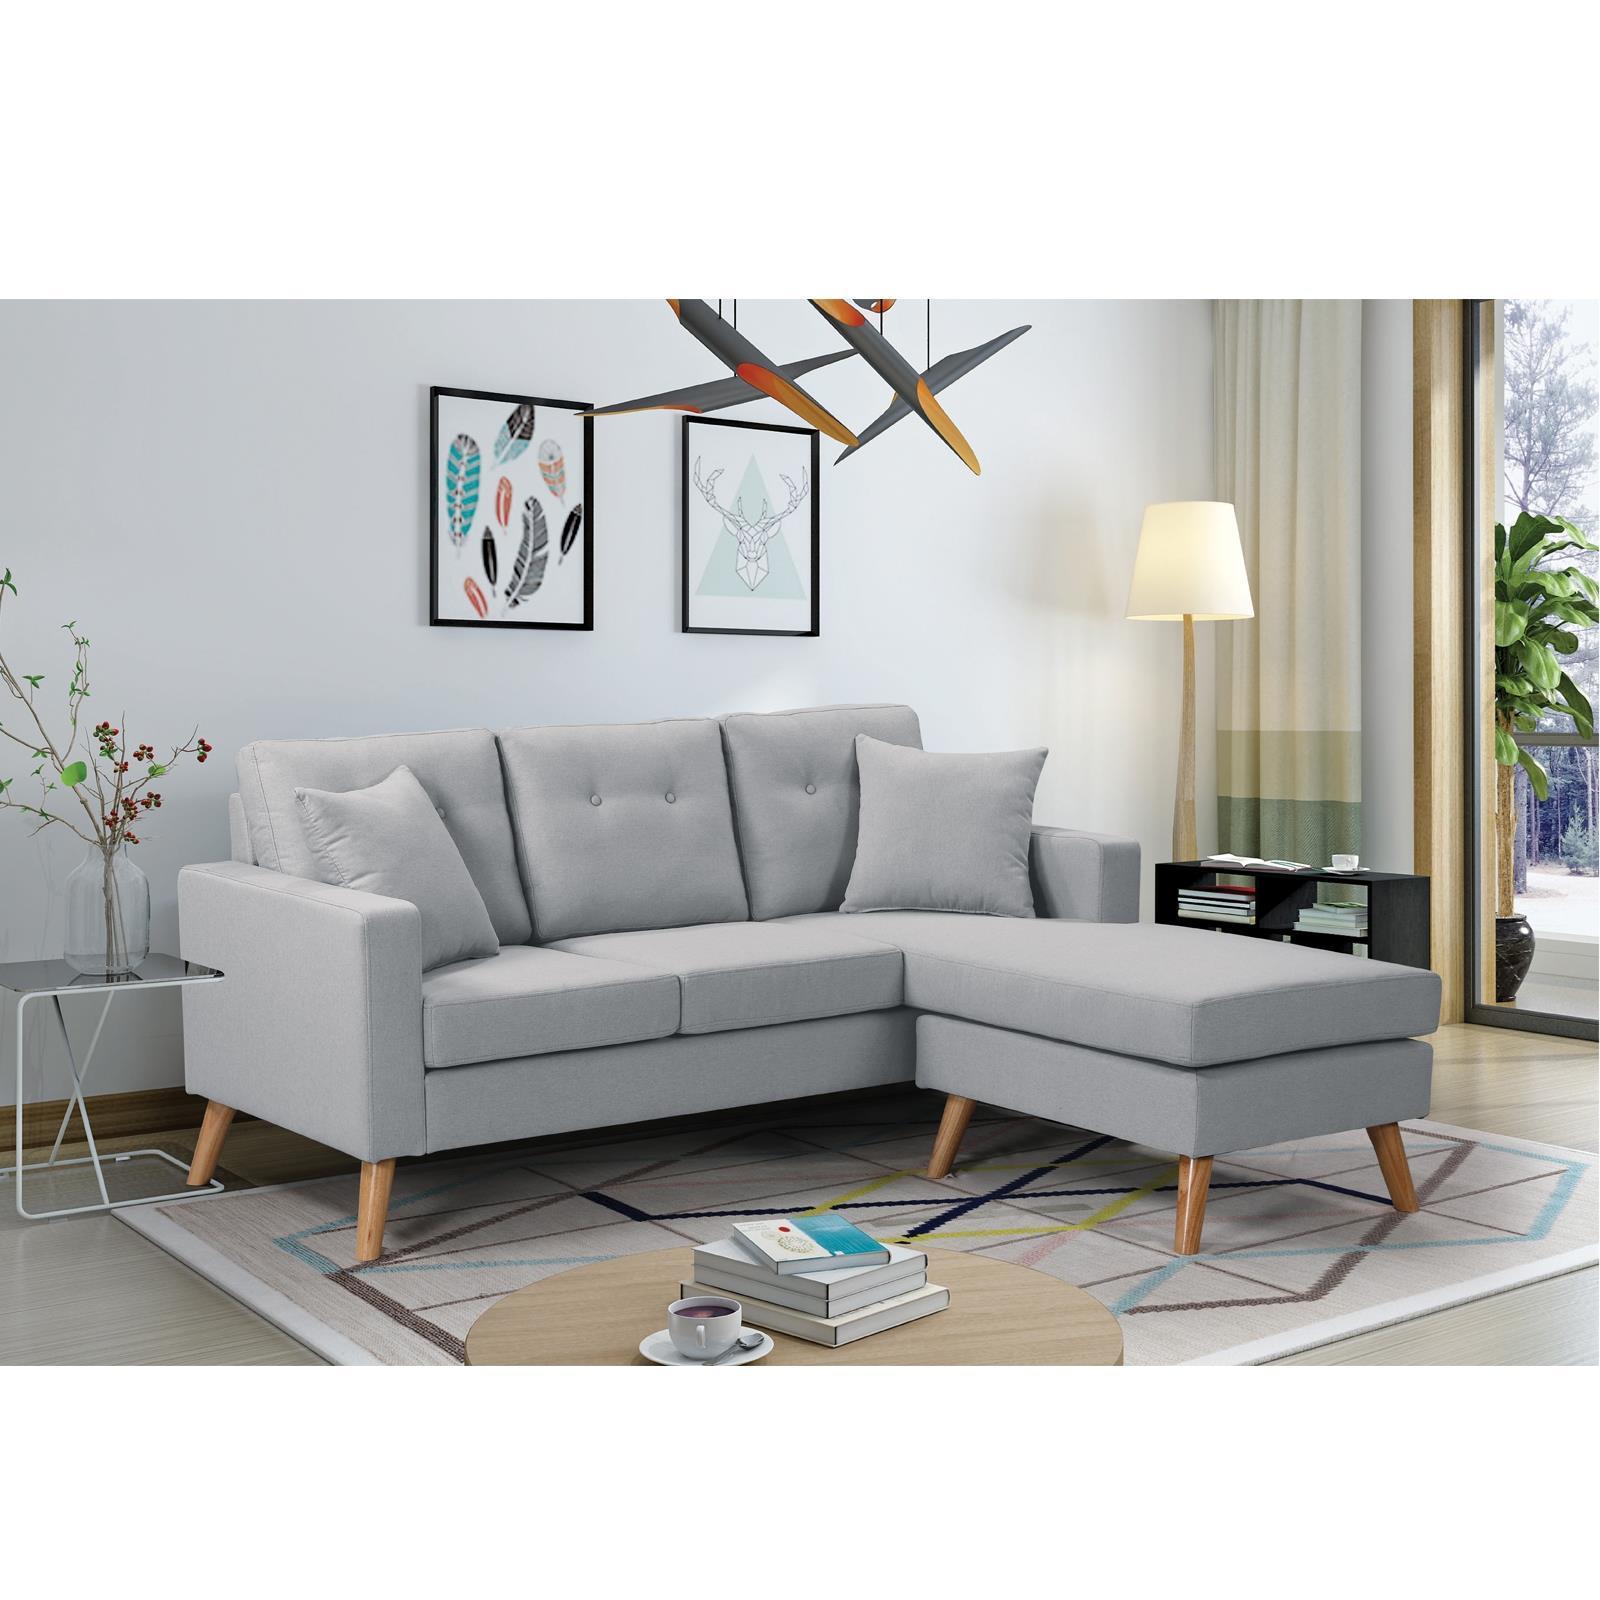 ALAN καναπές σαλονιού αναστρέψιμη γωνία Υ86x182x158x78εκ. ανοιχτό γκρι